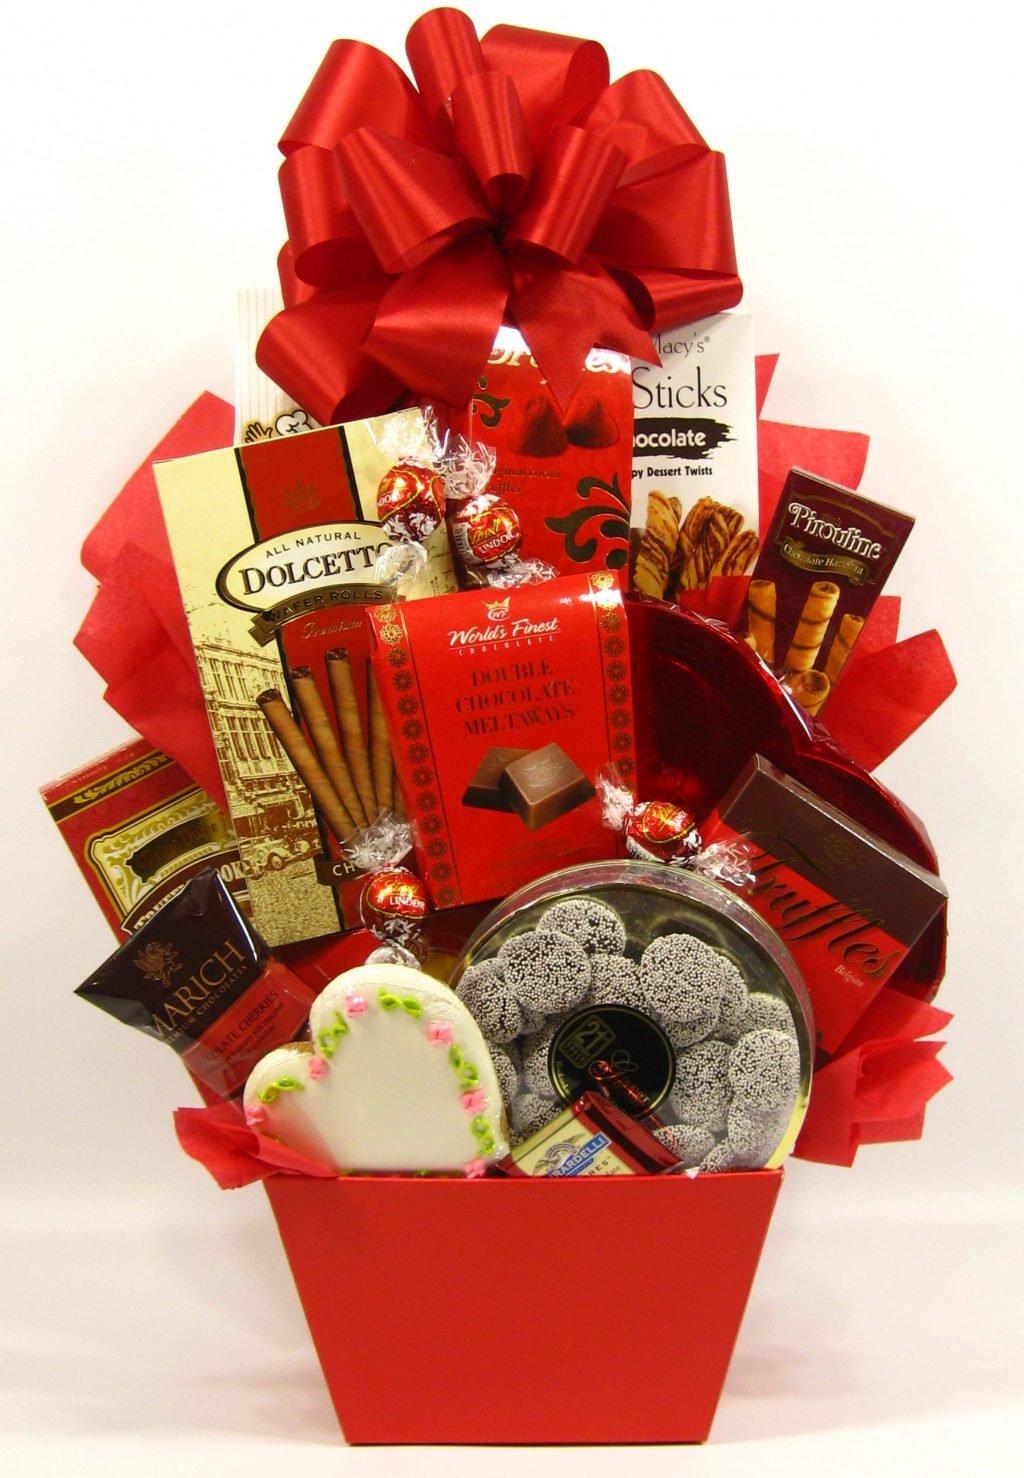 Valentinstag Rat 2) Die Liebe ist einfach, wenn die Schokolade in der Nähe ist.